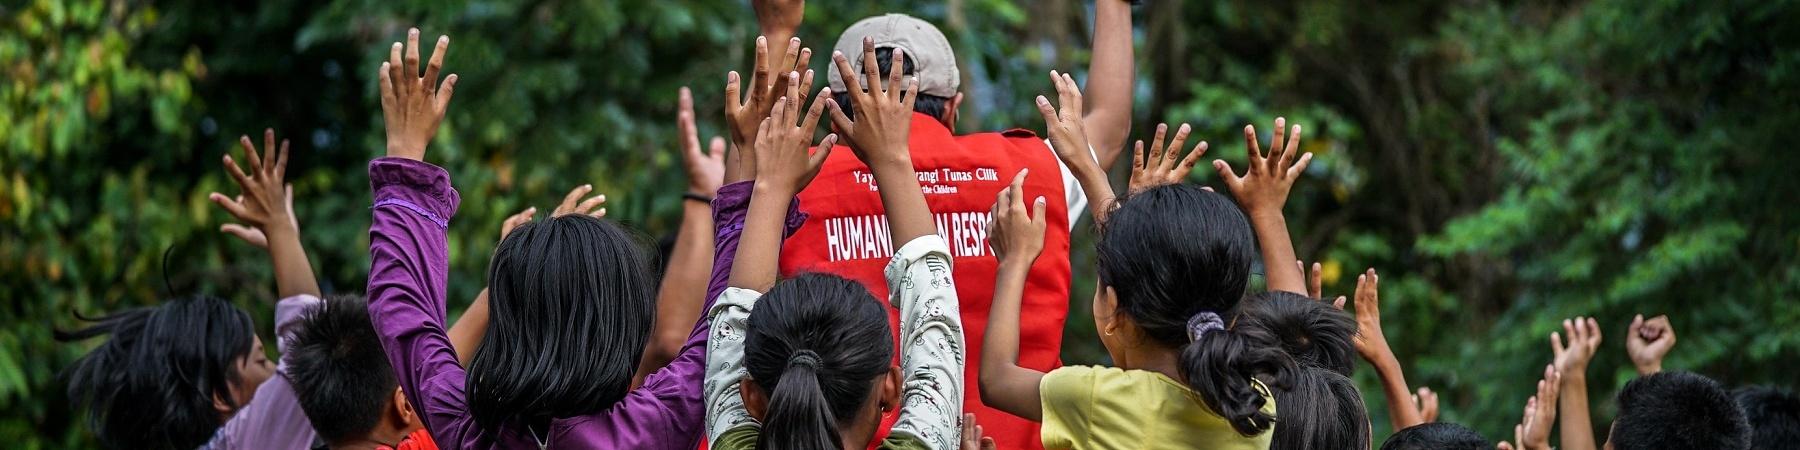 gruppo di bambini e un operatore di spalle con le braccia alzate esultando